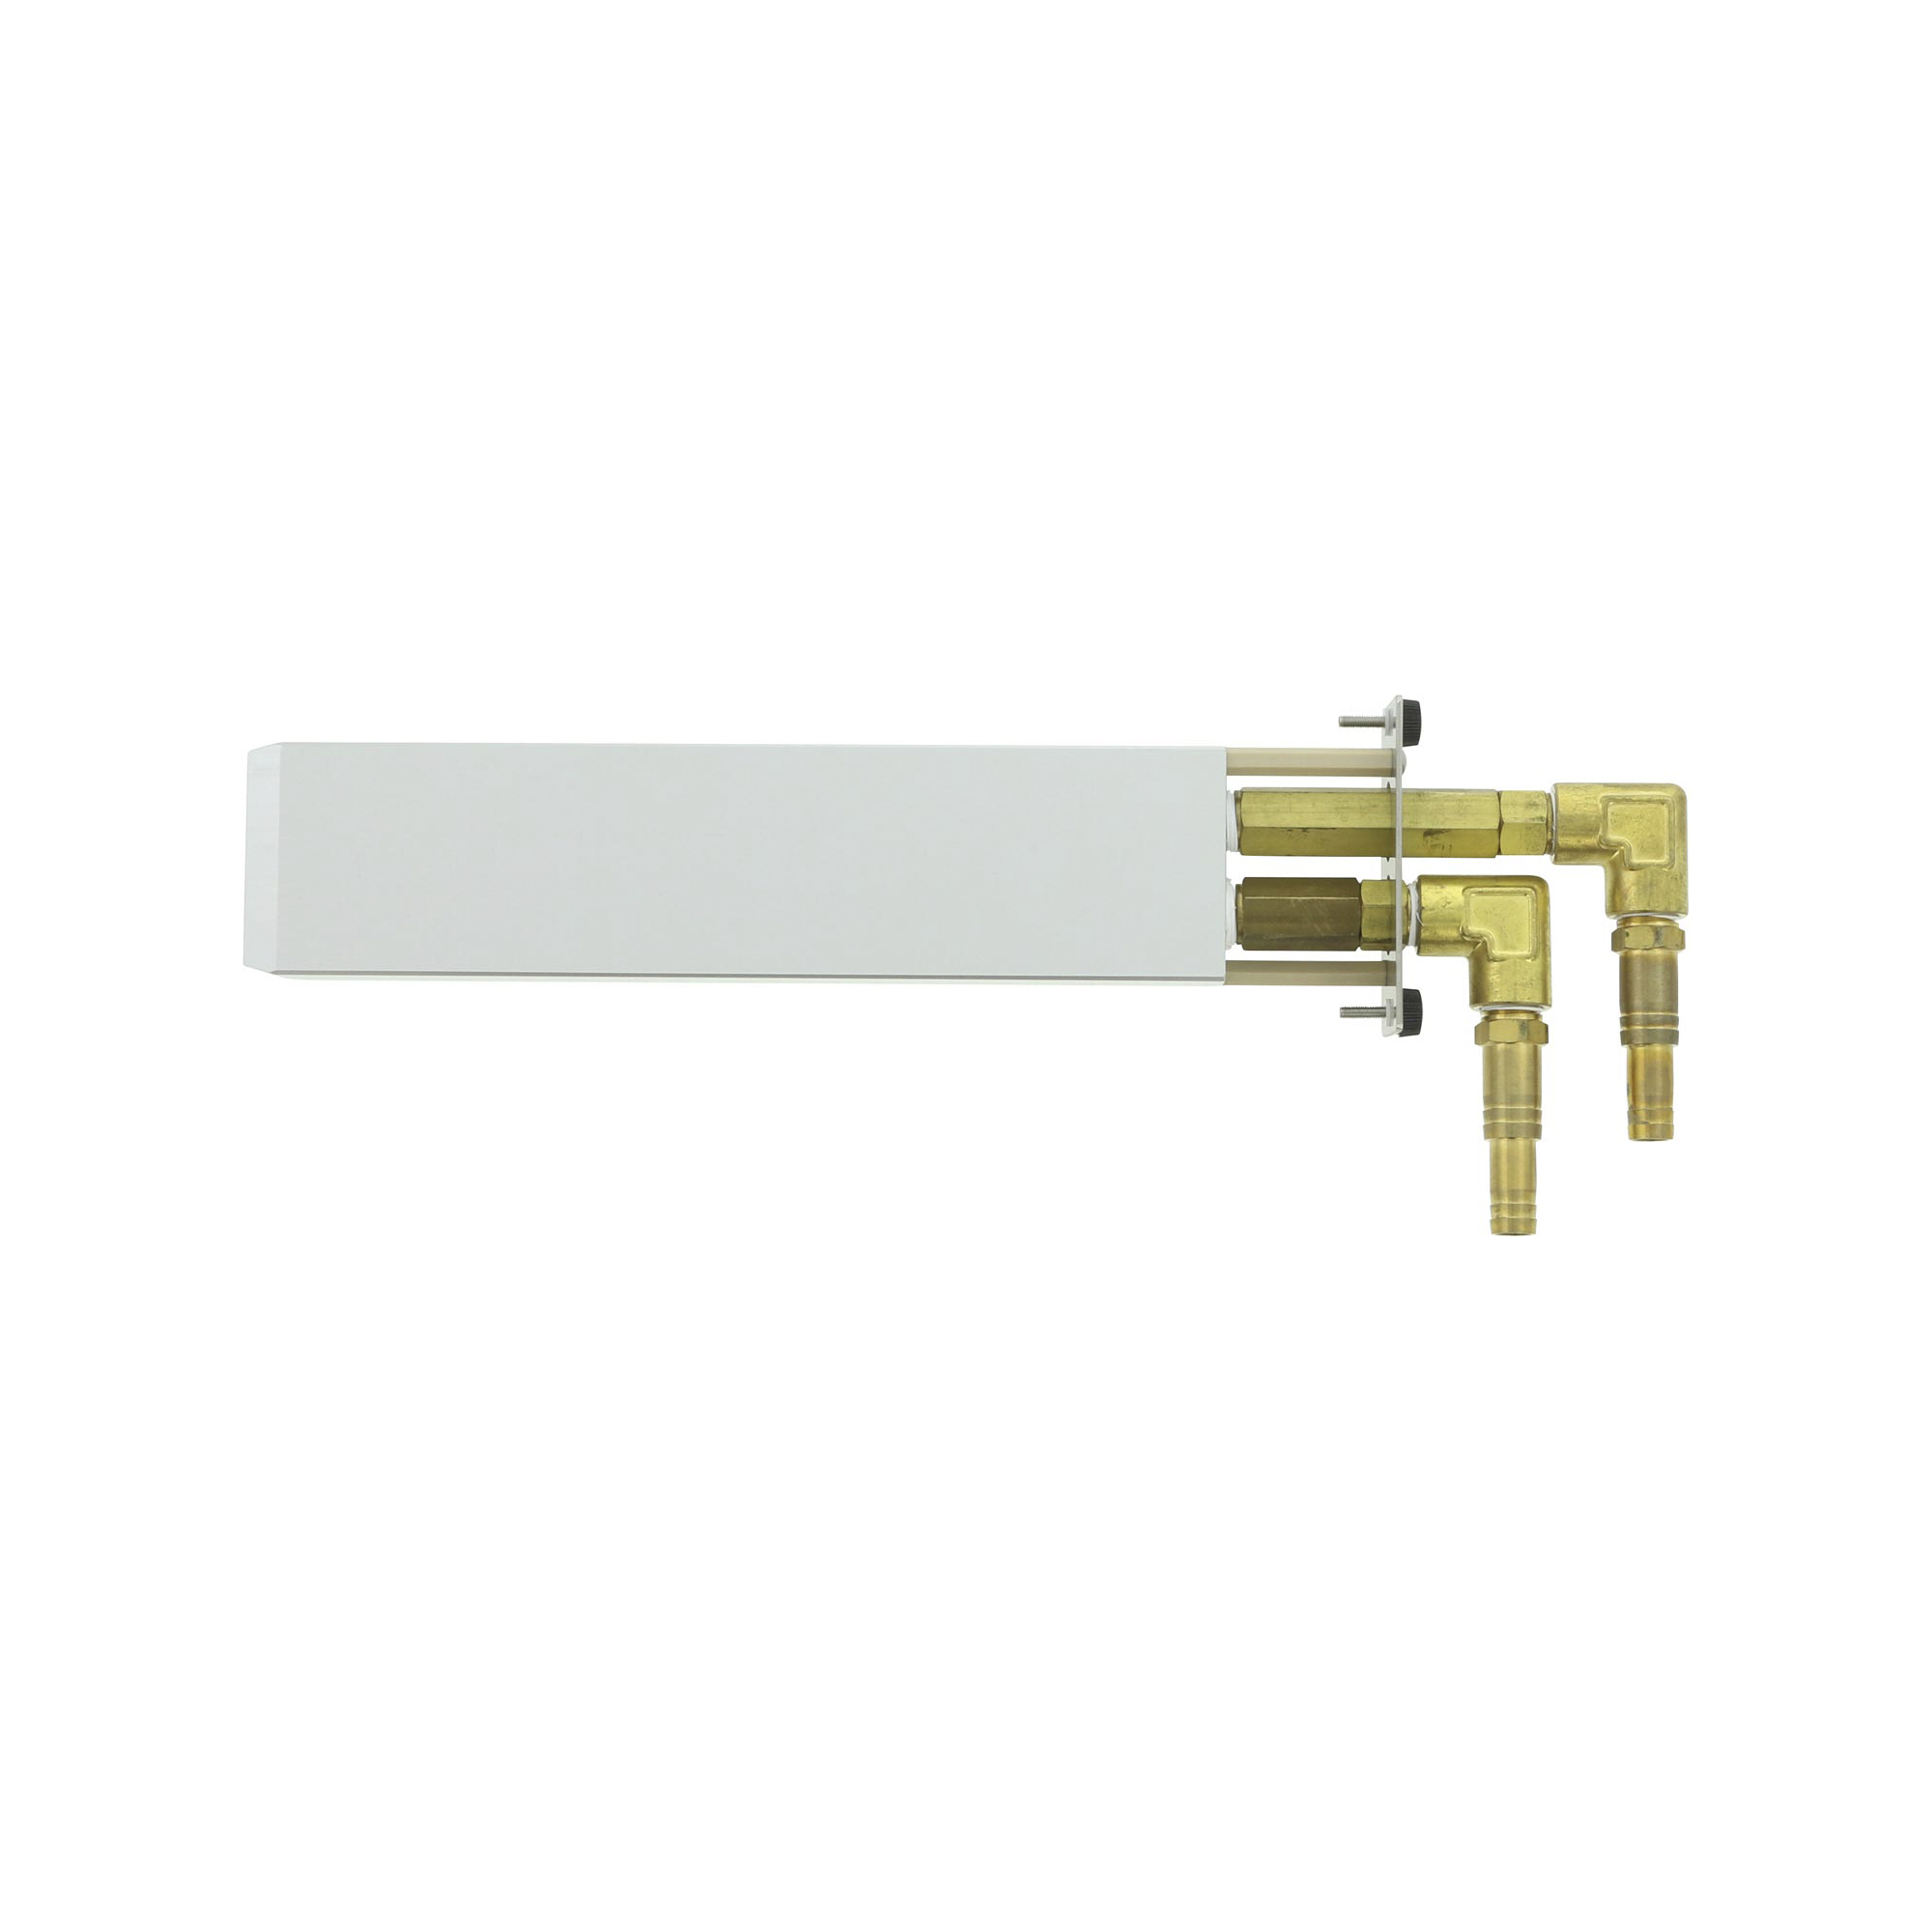 合成·反应装置ケミスト广场CPG - 2000 / CPP - 2000系列用冷却墨盒2个挂|柴田科学有限公司-环境检测设备、科学仪器的制造销售